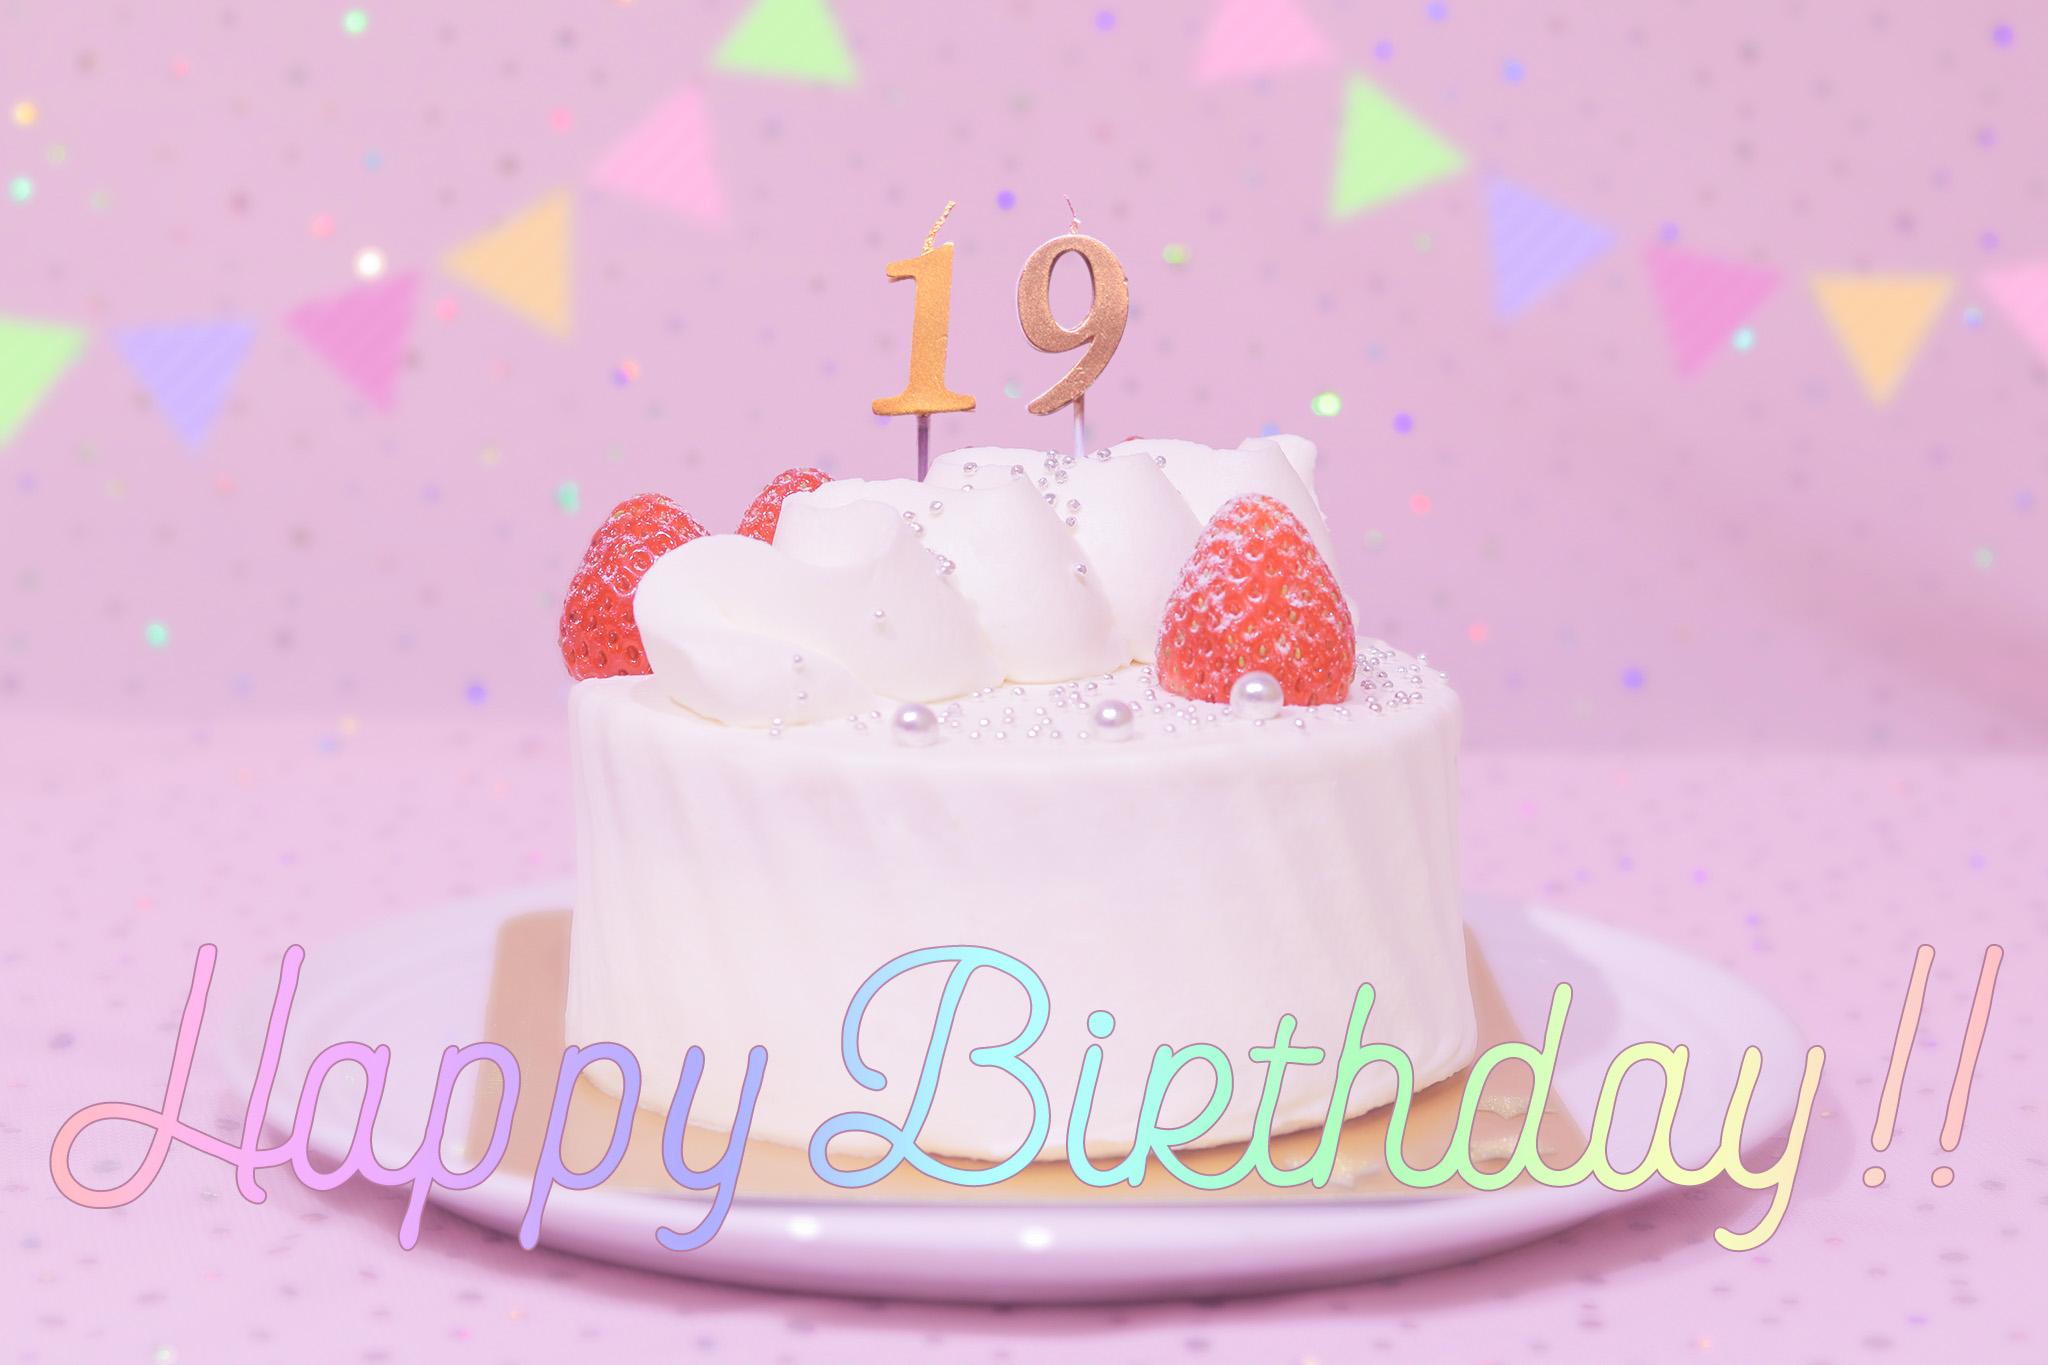 岡田里穗の出身、誕生日や年齢、身長は?特技は何?学歴、家族構成も2